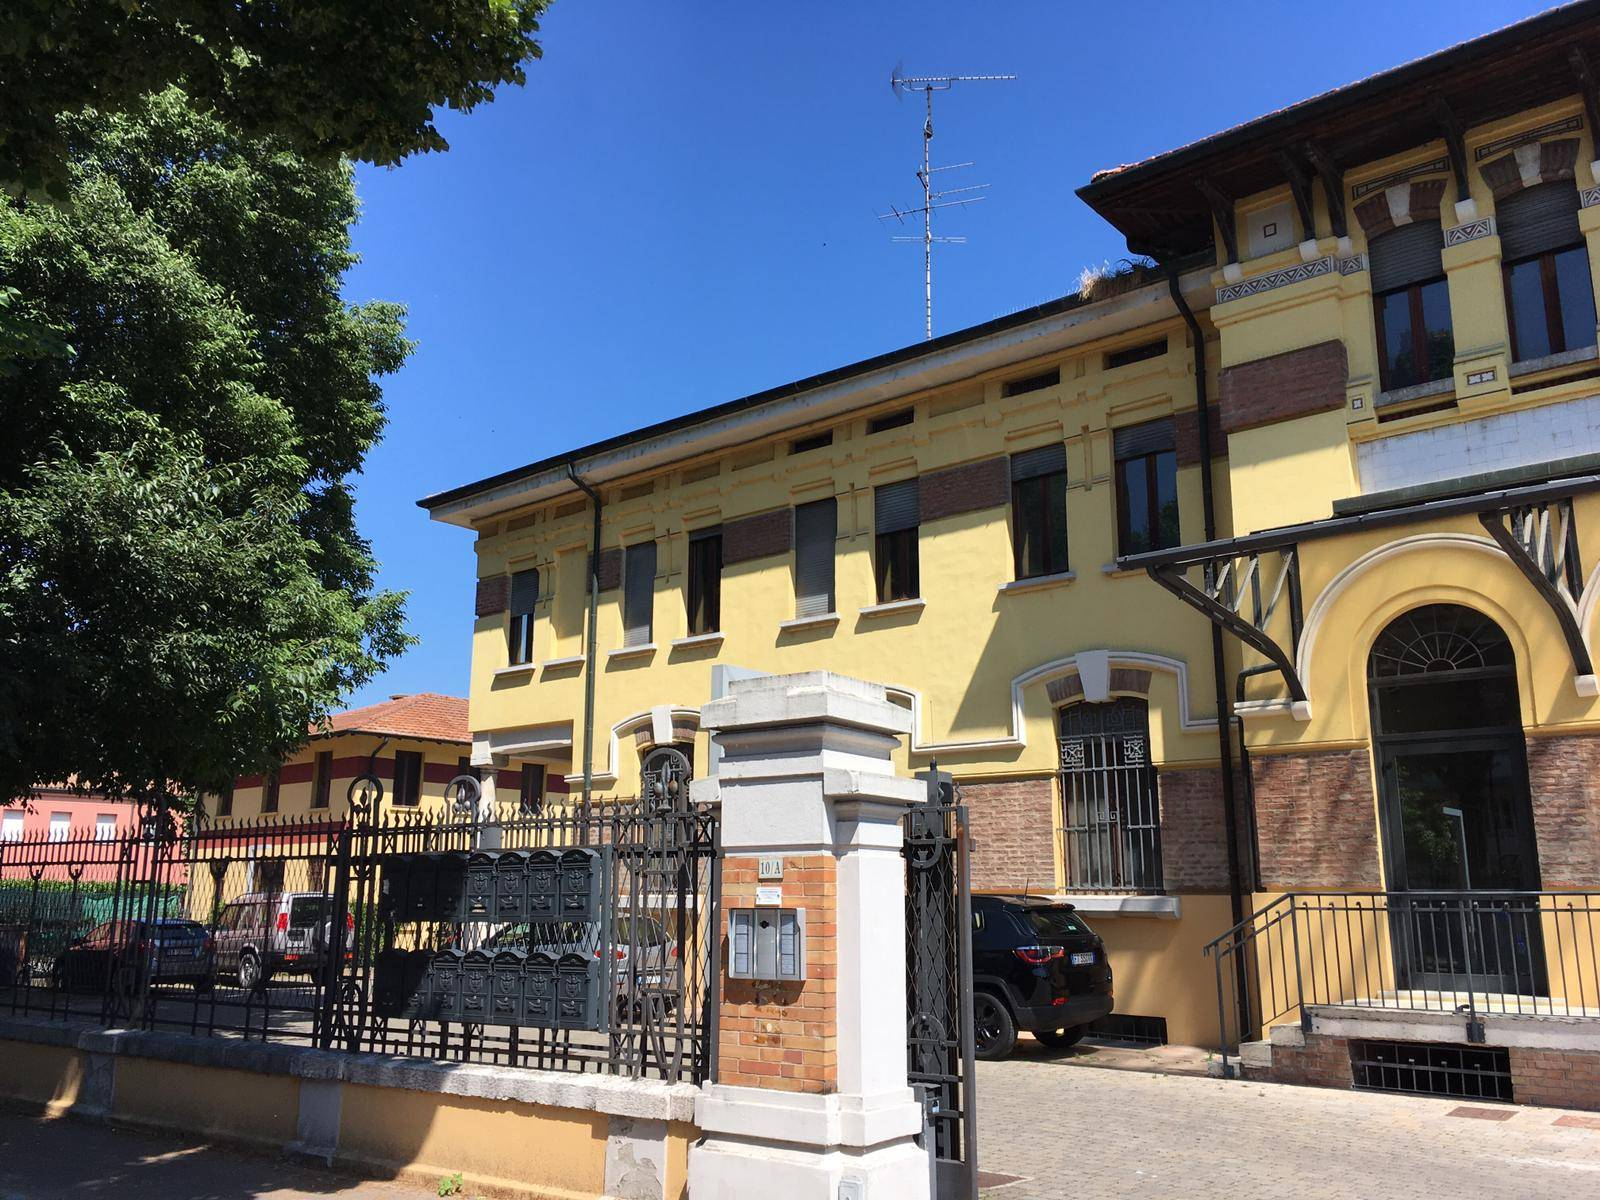 Vendita Trilocale Appartamento Mantova 243524